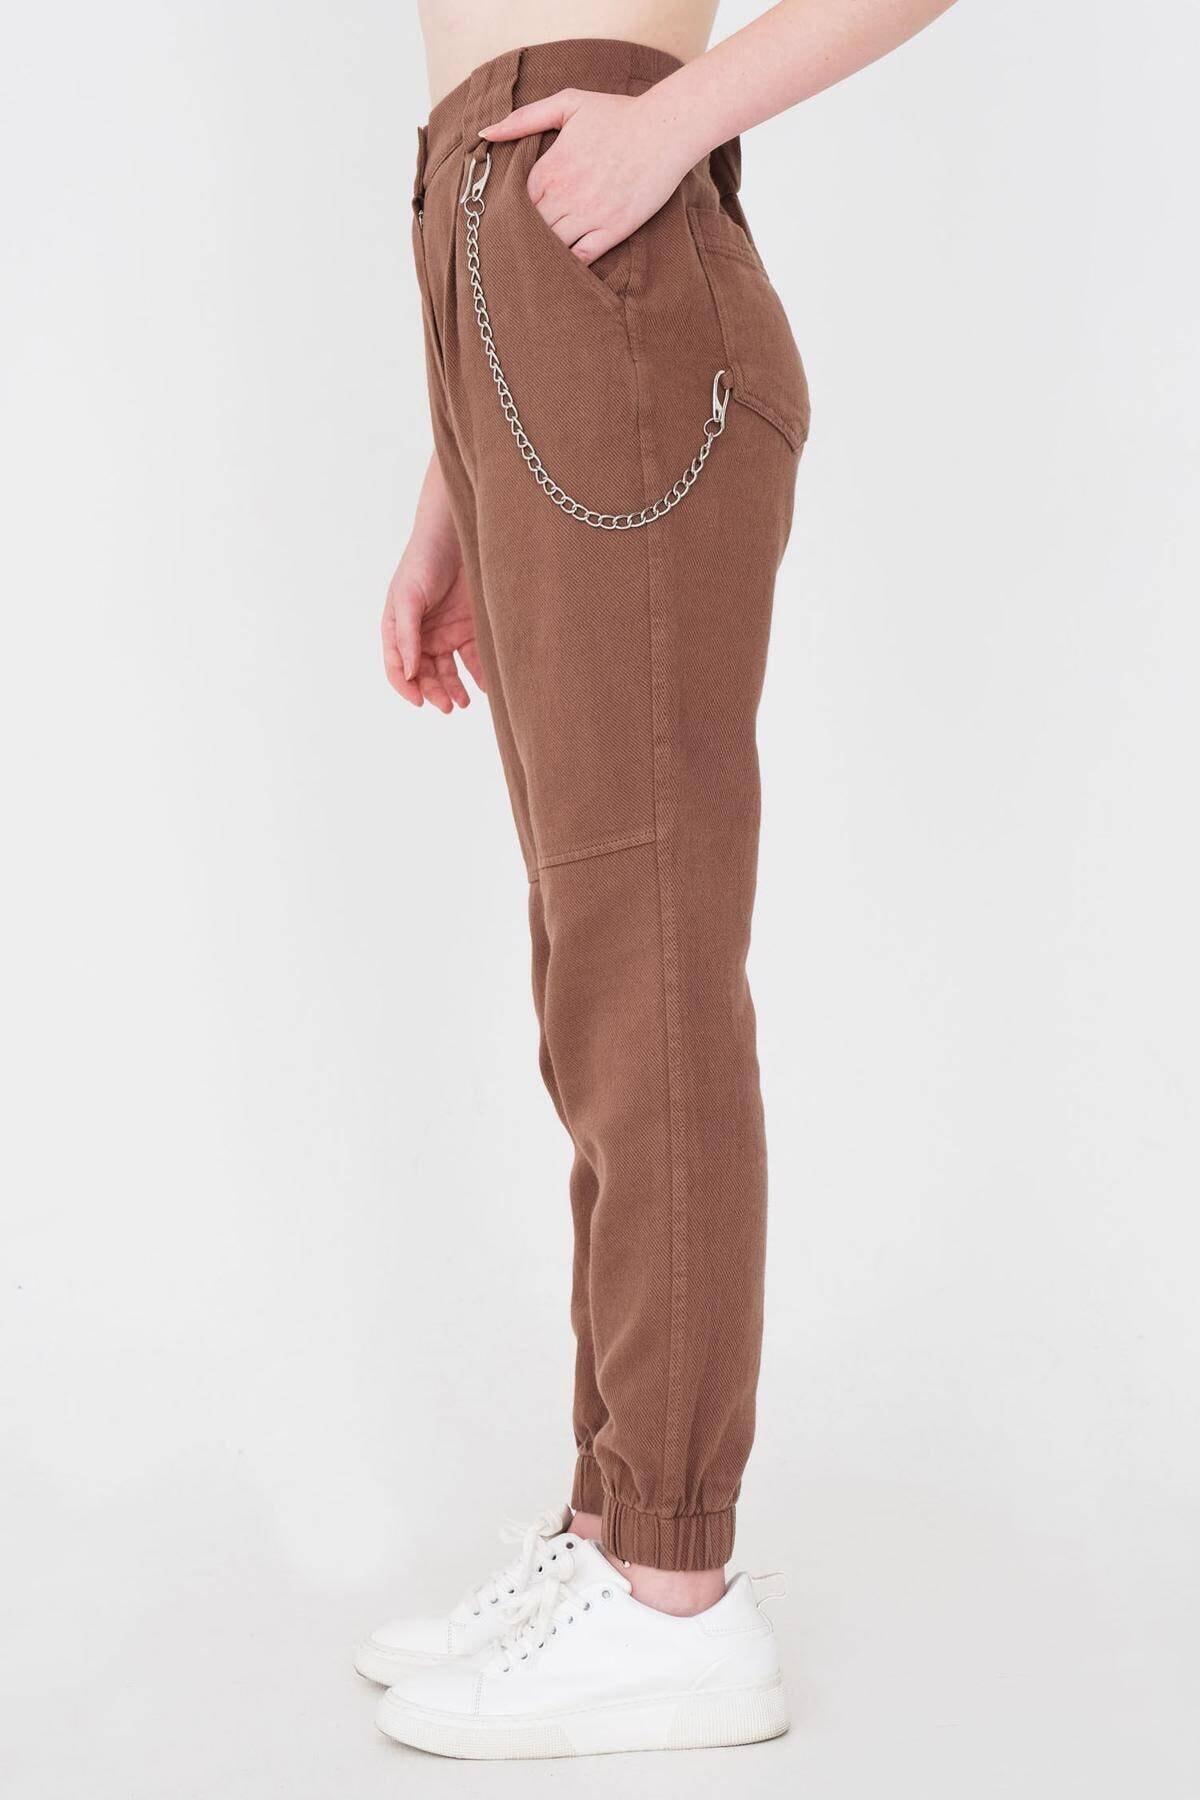 Addax Kadın Kahve Zincir Detaylı Pantolon Pn01-0073 - S11 Adx-0000024102 4